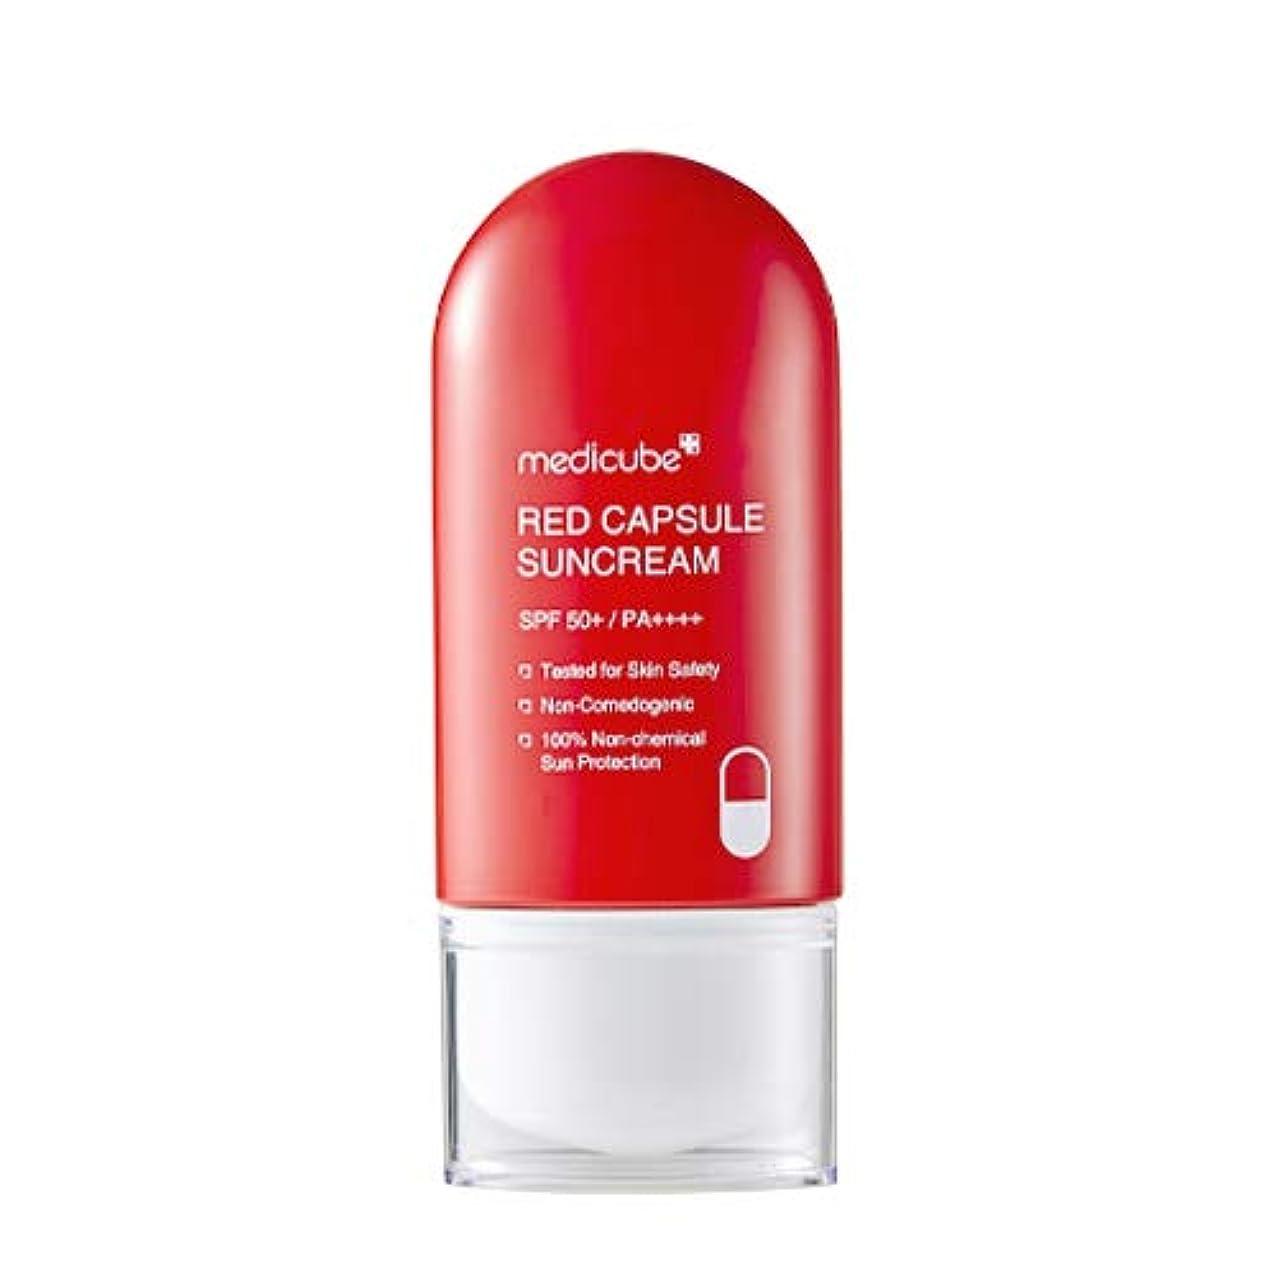 空気正義禁止するメディキューブ日本公式(medicube) レッドカプセルサンクリーム MEDICUBE RED CAPSULE SUNCREAM 30g